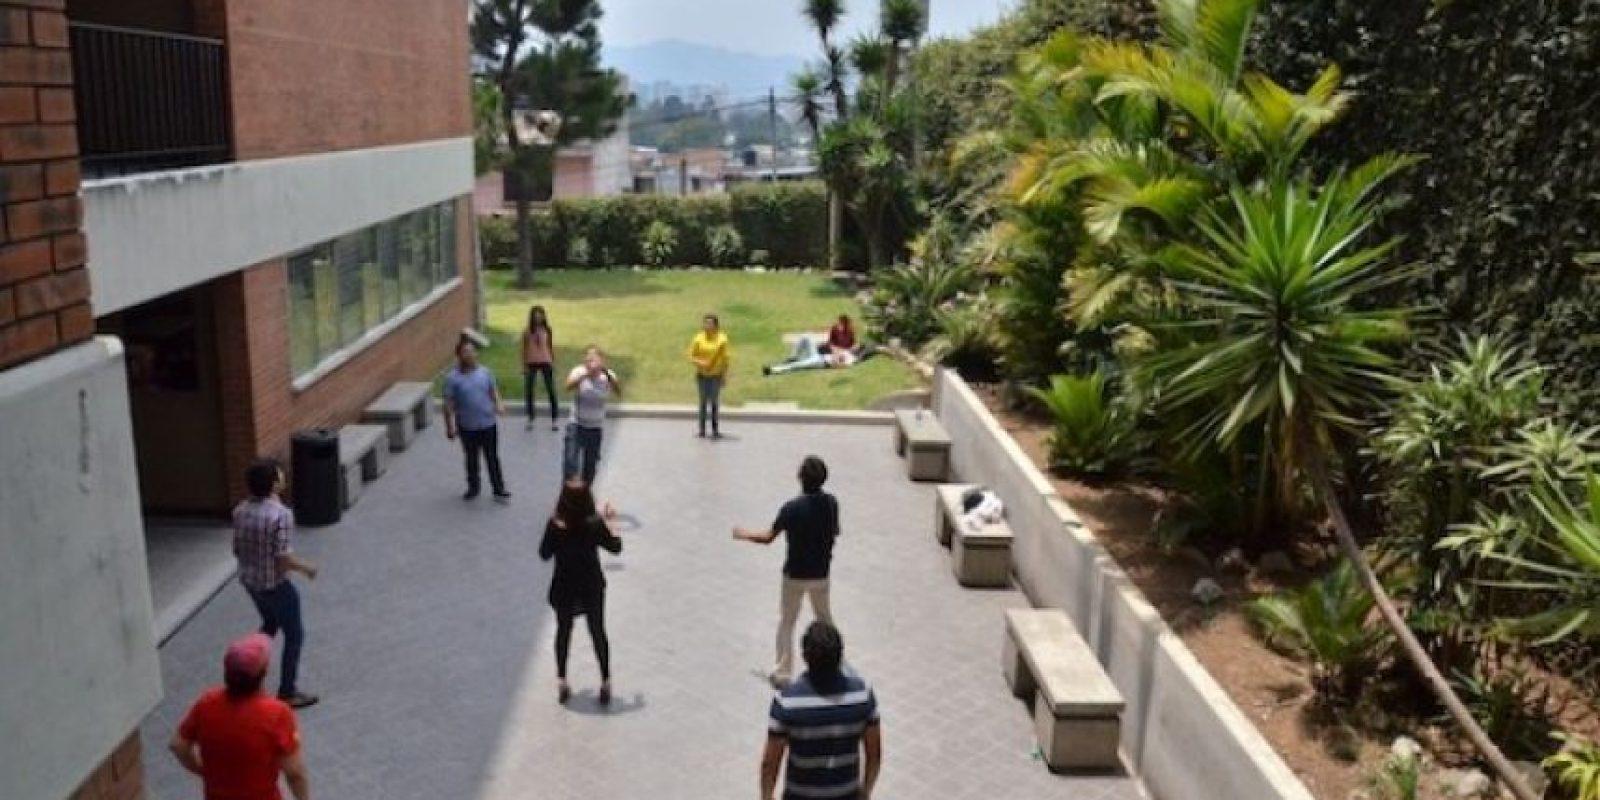 Además, cuentan con un patio donde entretenerse entre cada clase. Foto:Juan José López Torres